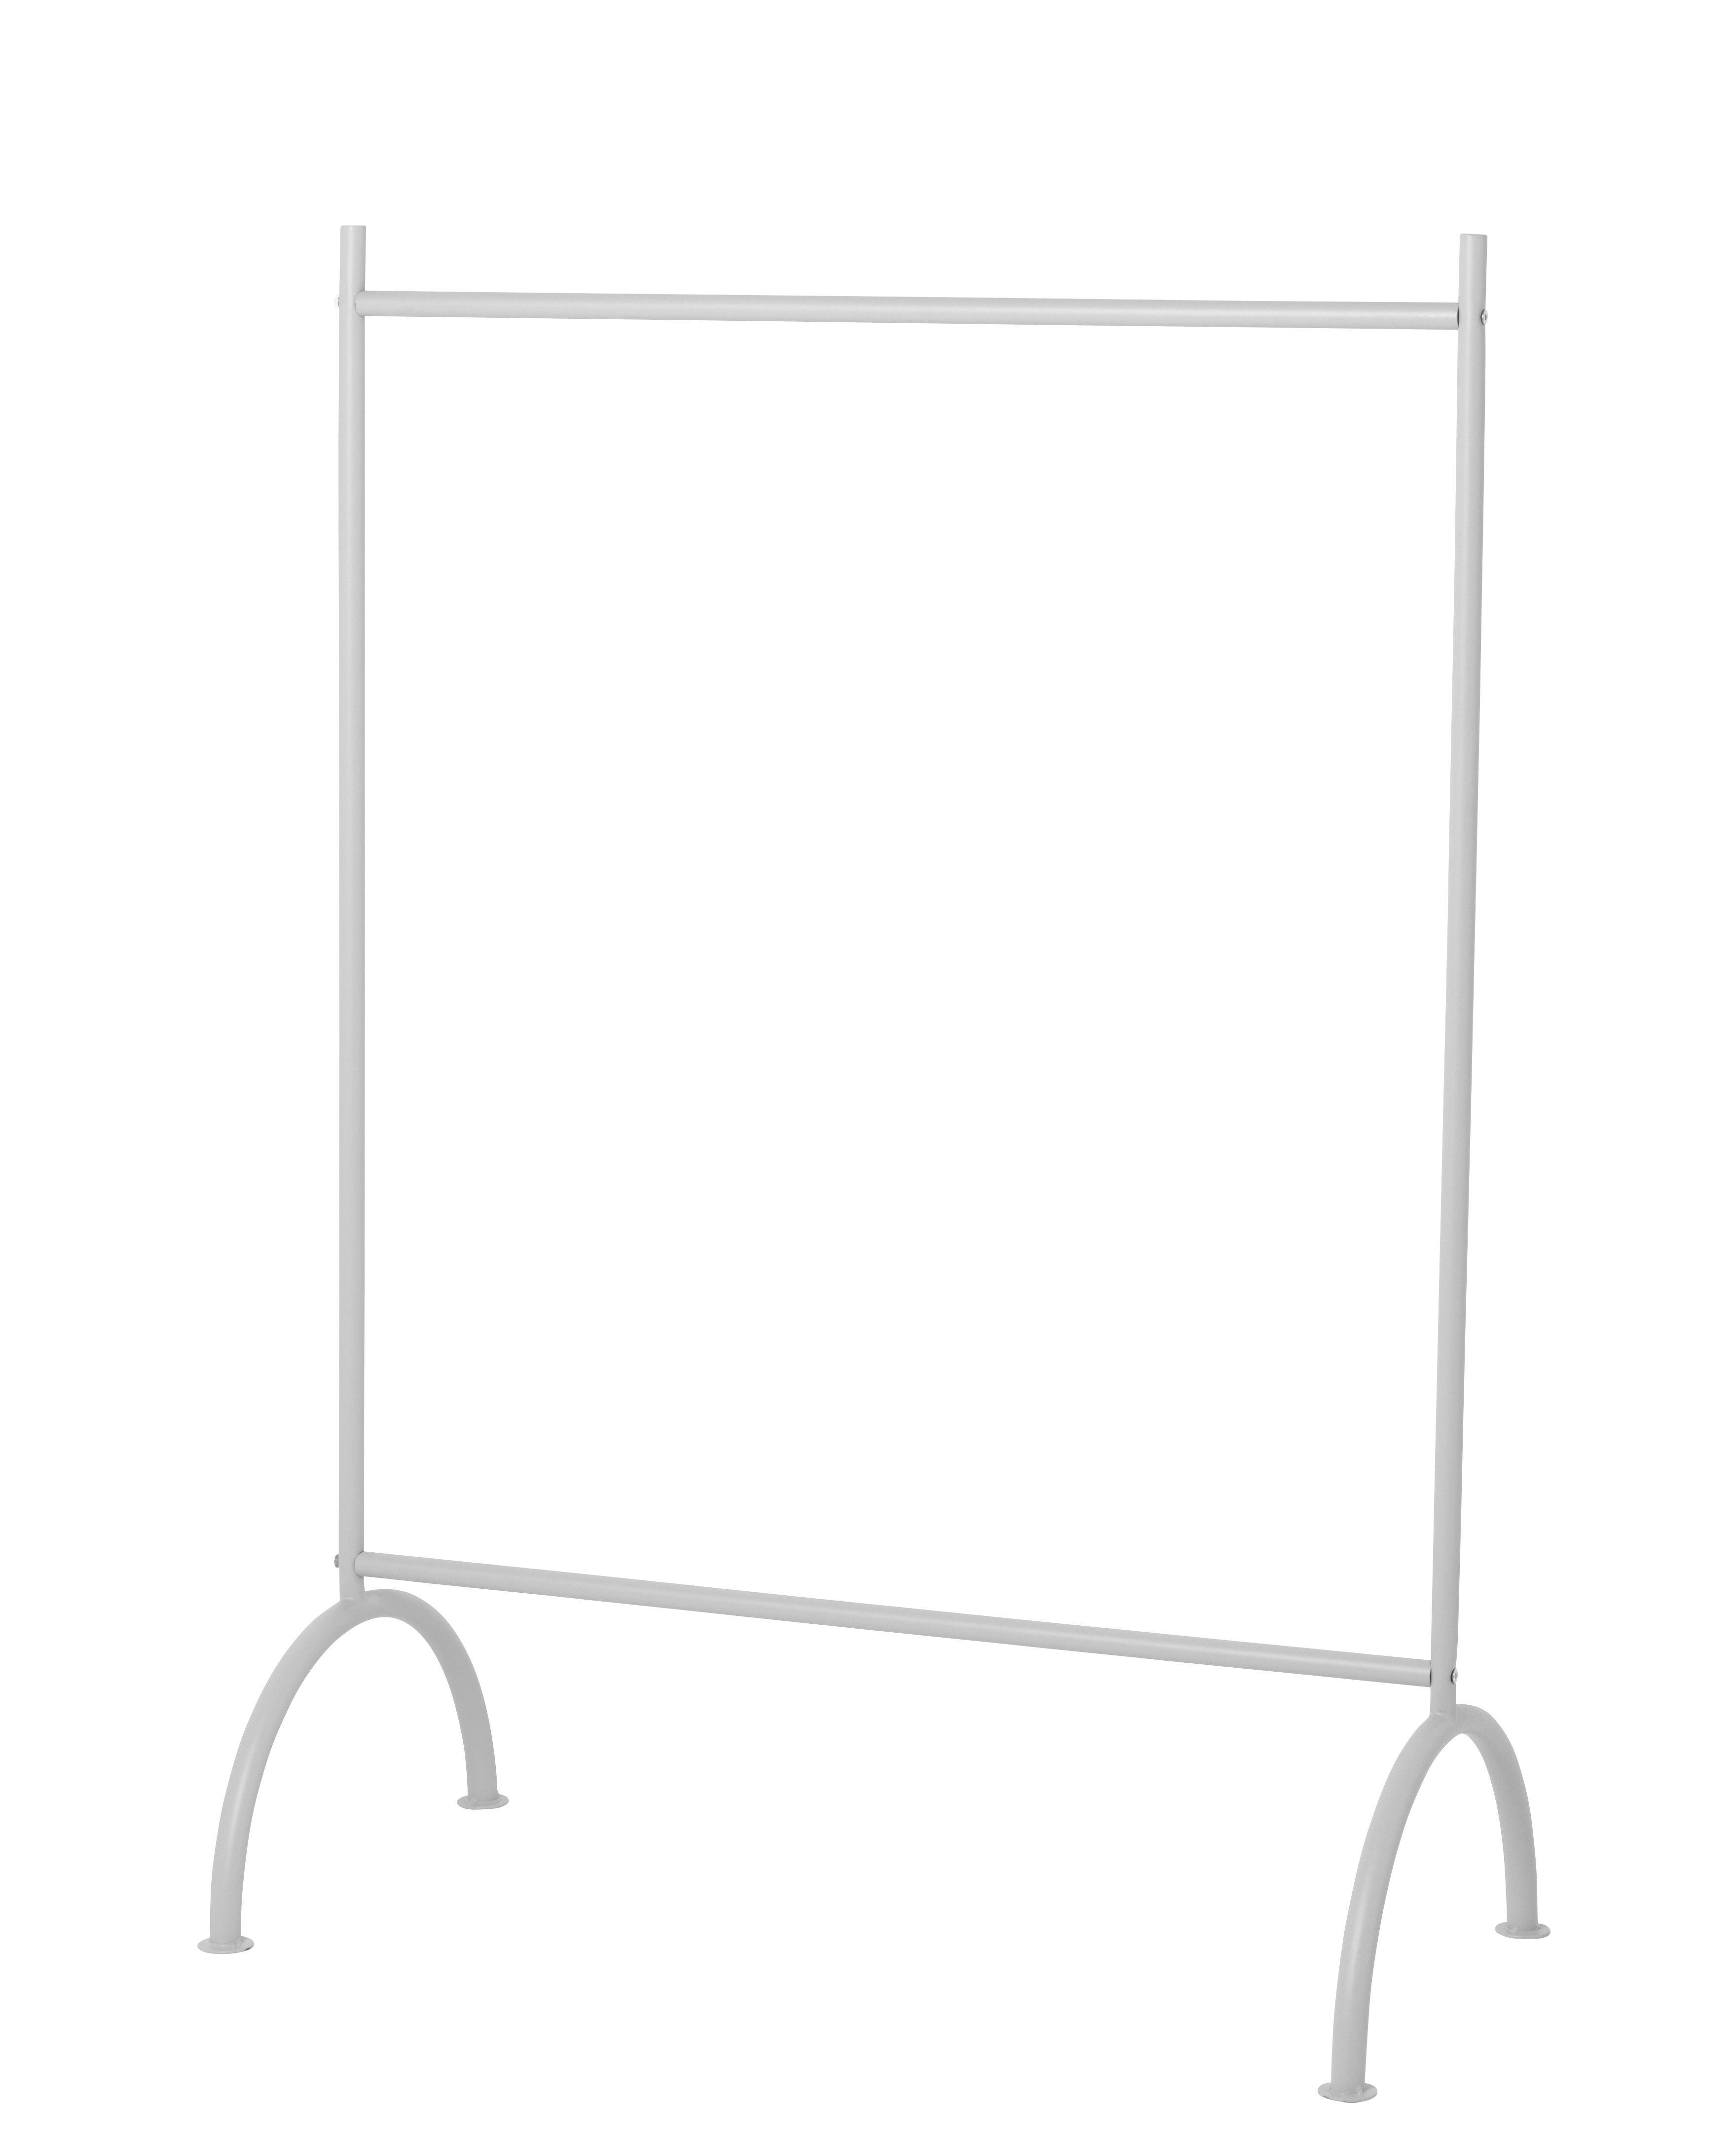 Mobilier - Mobilier Kids - Portant Kids / L 88 x H 122,5 cm - Ferm Living - Gris - Laiton, Métal